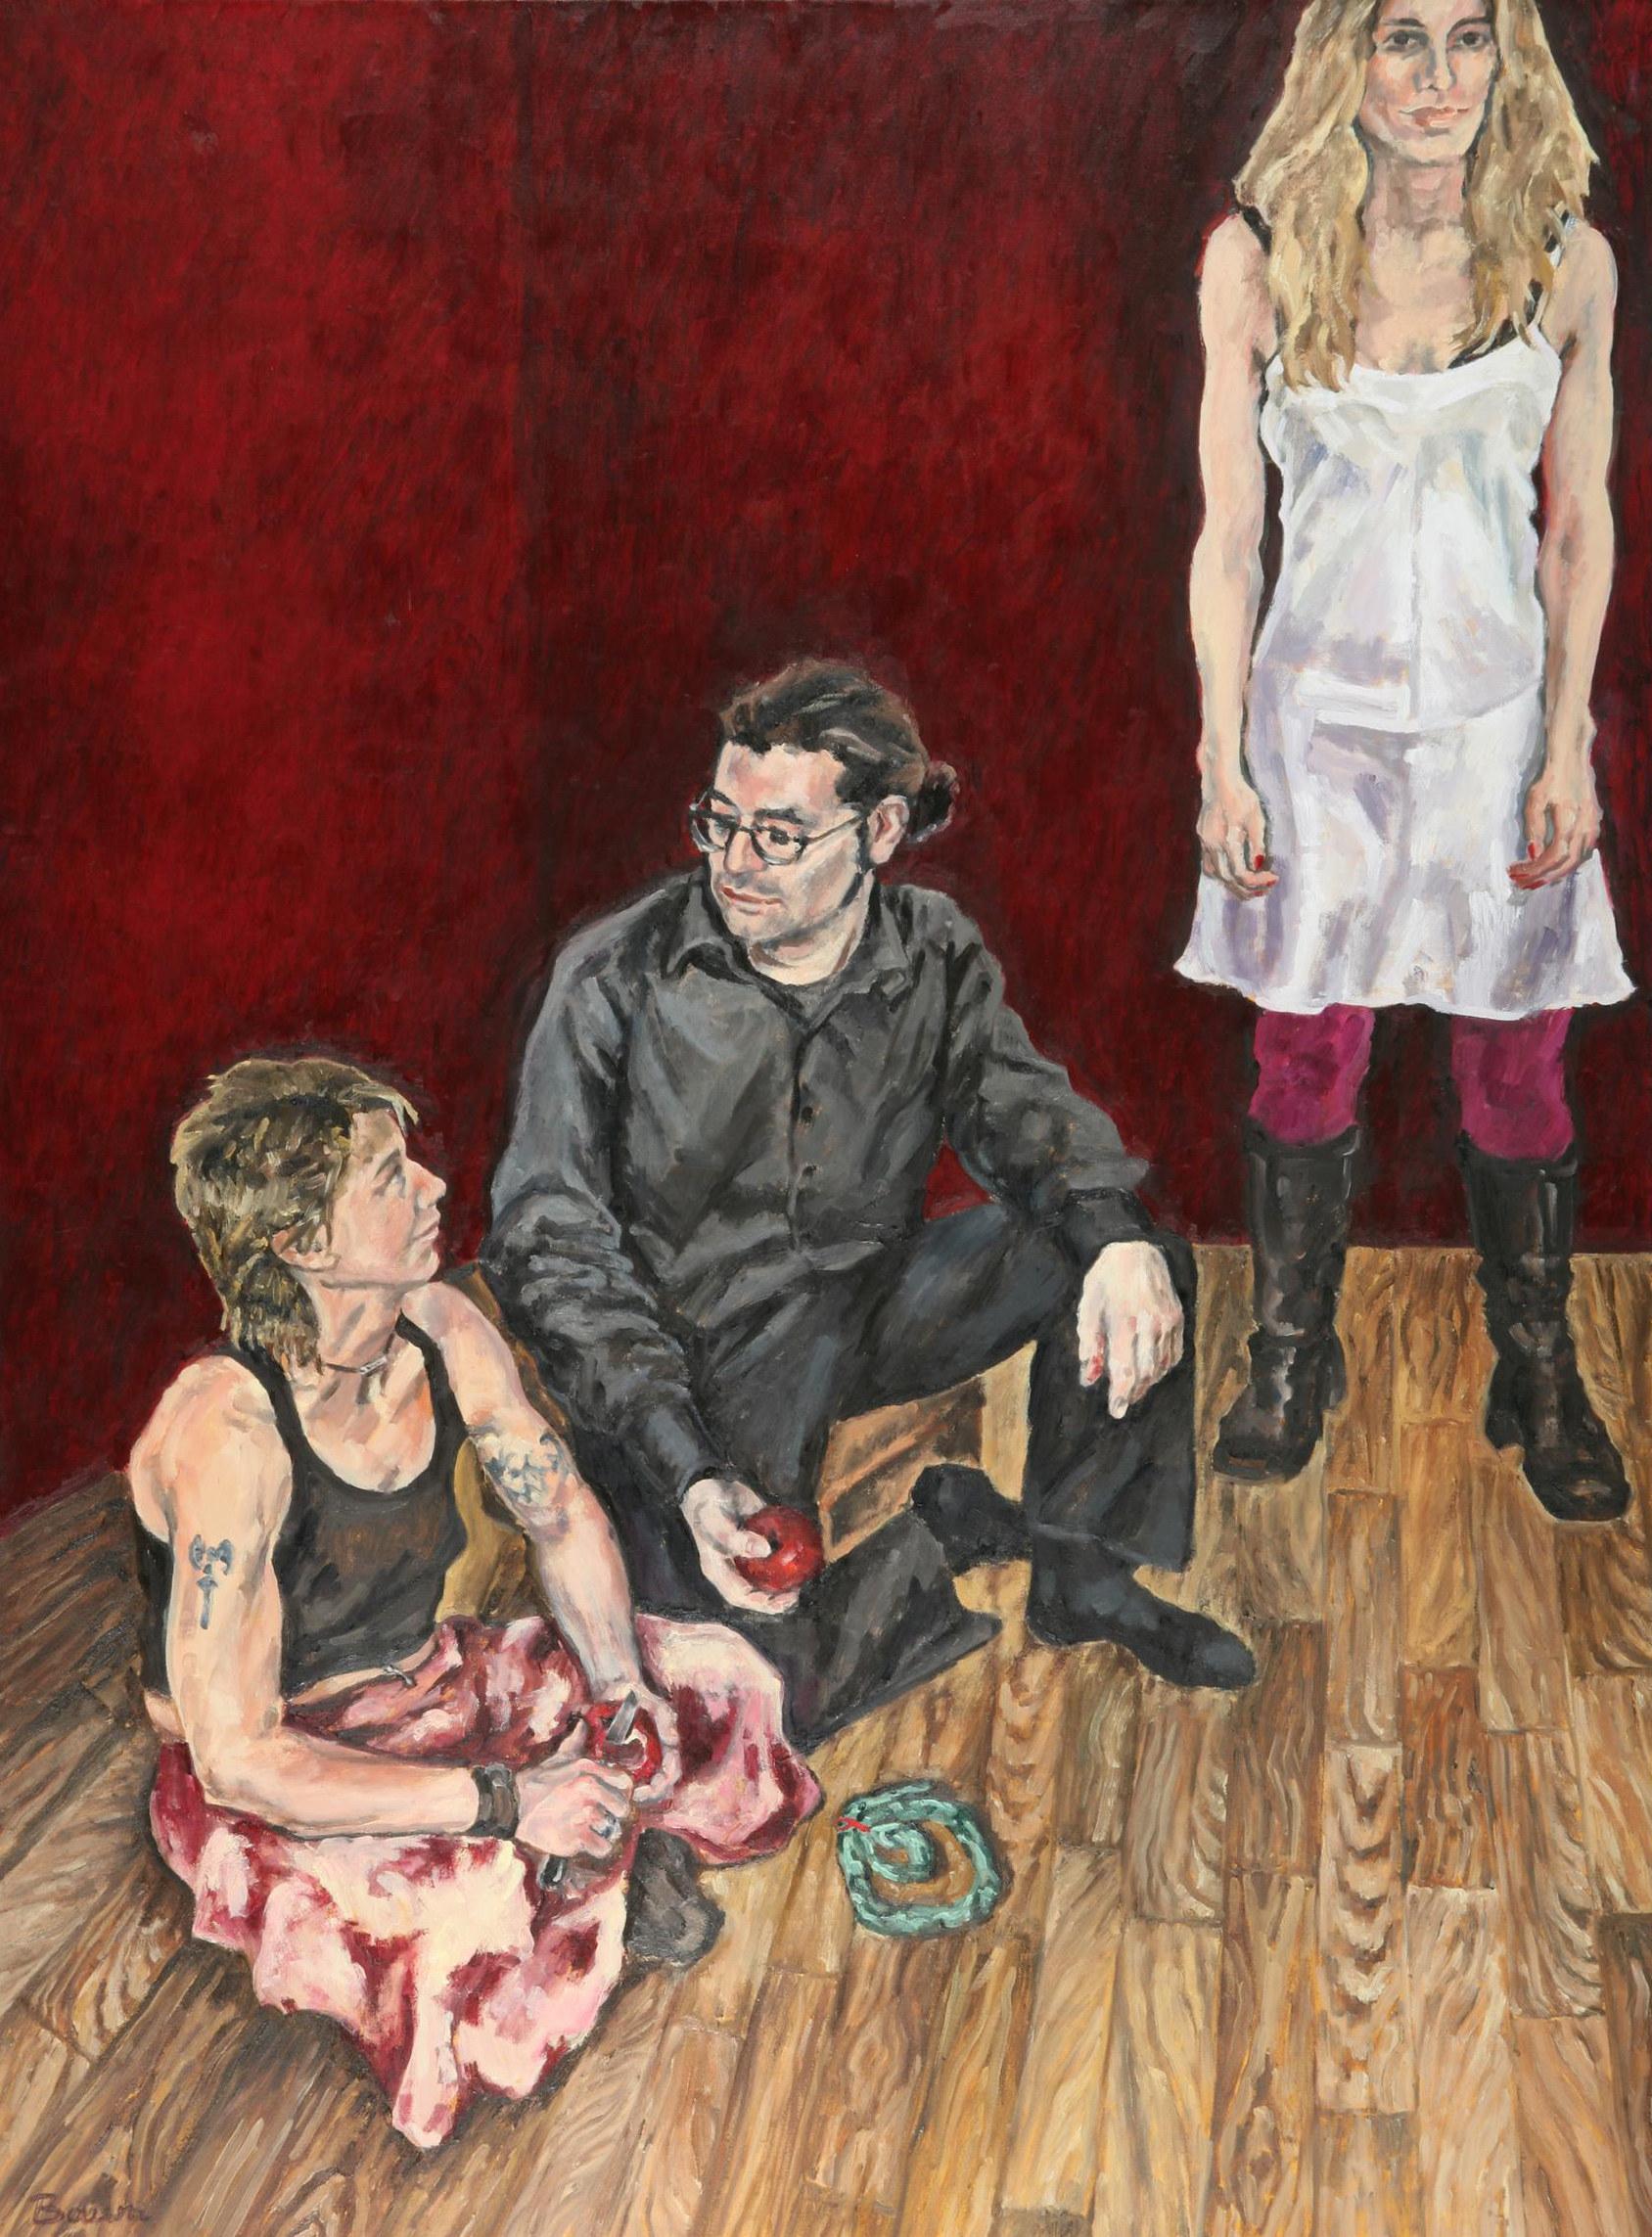 Sie ist wieder da, Lilith!, 170x130, 2006